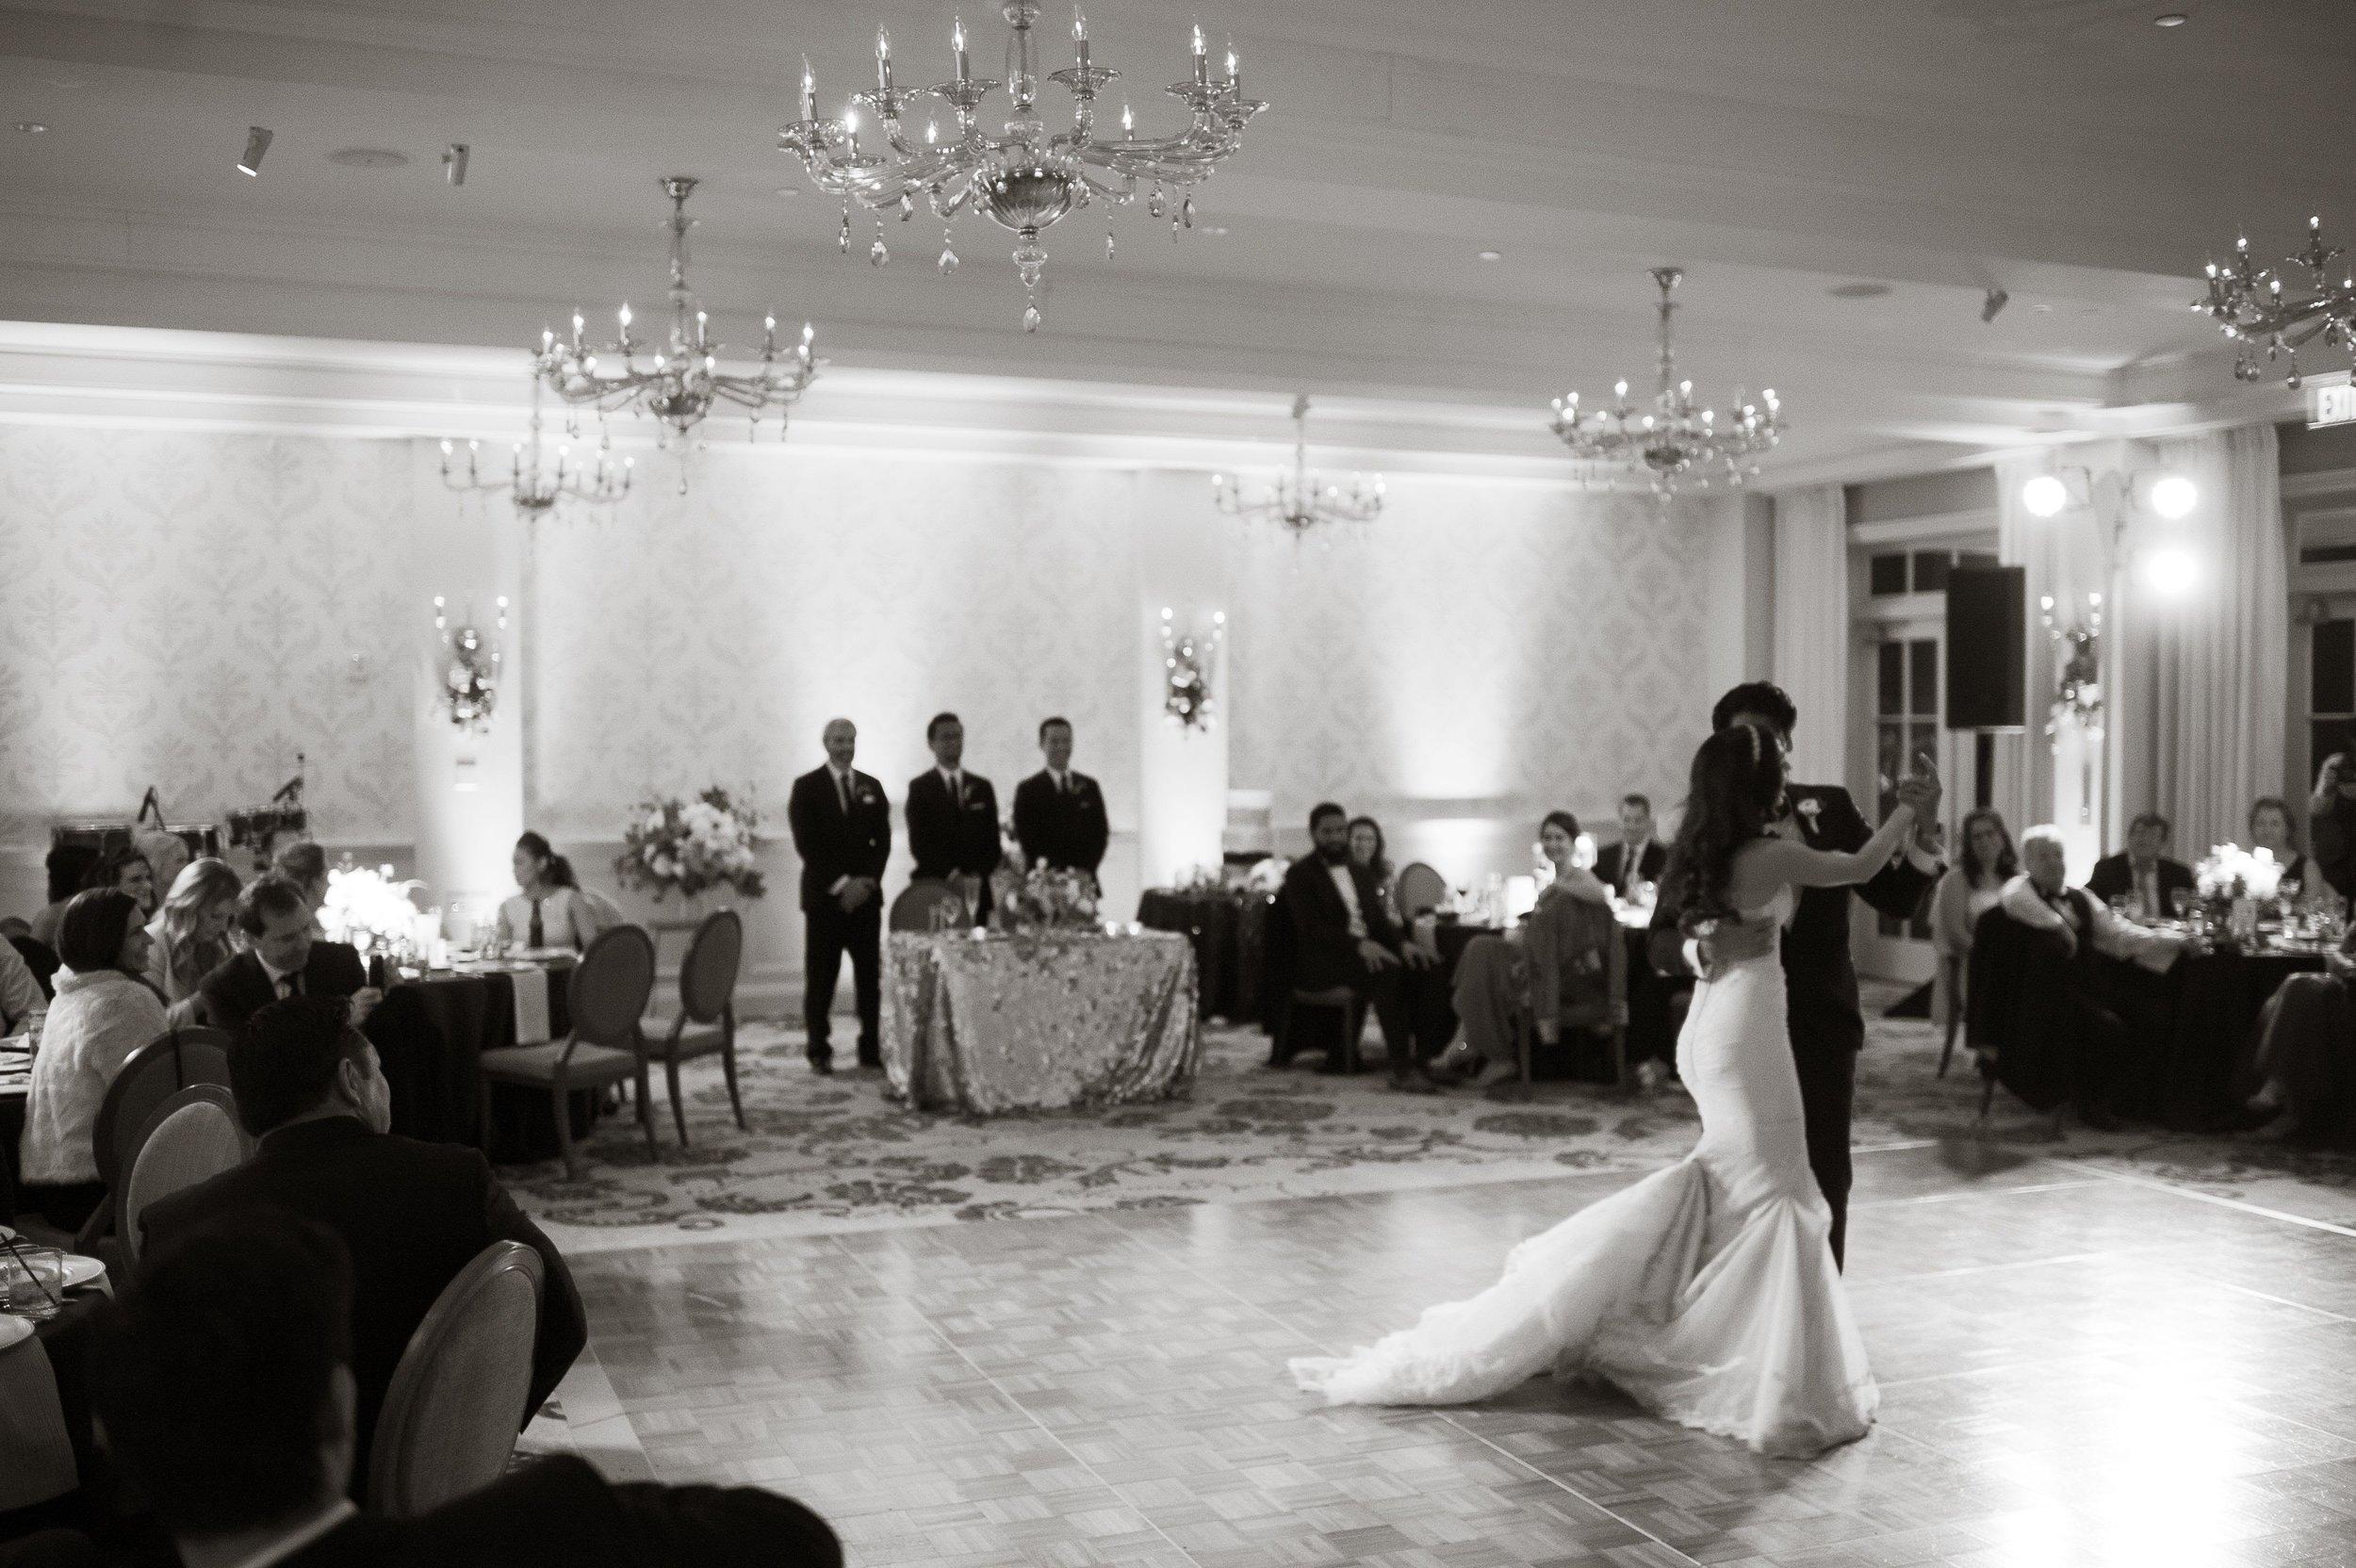 Felici Events | Wedding Planer | El Encanto Wedding | Santa Barbara Wedding | Wedding Planning | Wedding Reception | Mr & Mrs | First Dance